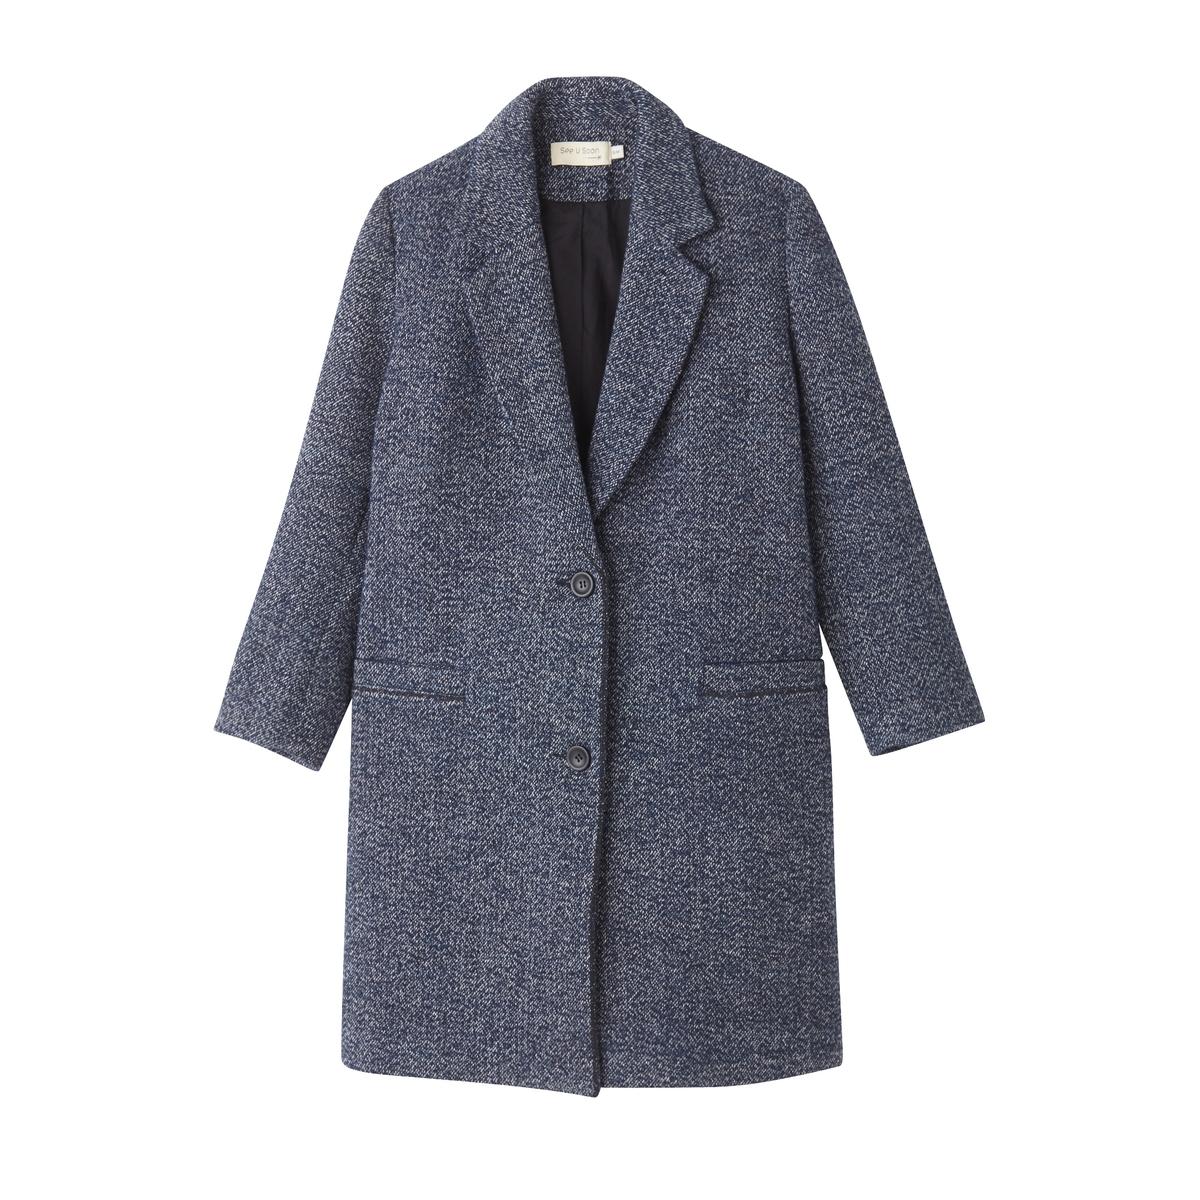 ПальтоПальто в мужском стиле, удачно вошедшее в женский гардероб, идеально для межсезонья . Это пальто не подчеркивает формы, но придает невероятно роскошный внешний вид   !Детали •  Длина : средняя •  Воротник-поло, рубашечный • Застежка на пуговицыСостав и уход •  13% шерсти, 14% акрила, 57% хлопка, 6% полиамида, 10% полиэстера •  Следуйте рекомендациям по уходу, указанным на этикетке изделия<br><br>Цвет: синий меланж<br>Размер: S/M.M/L